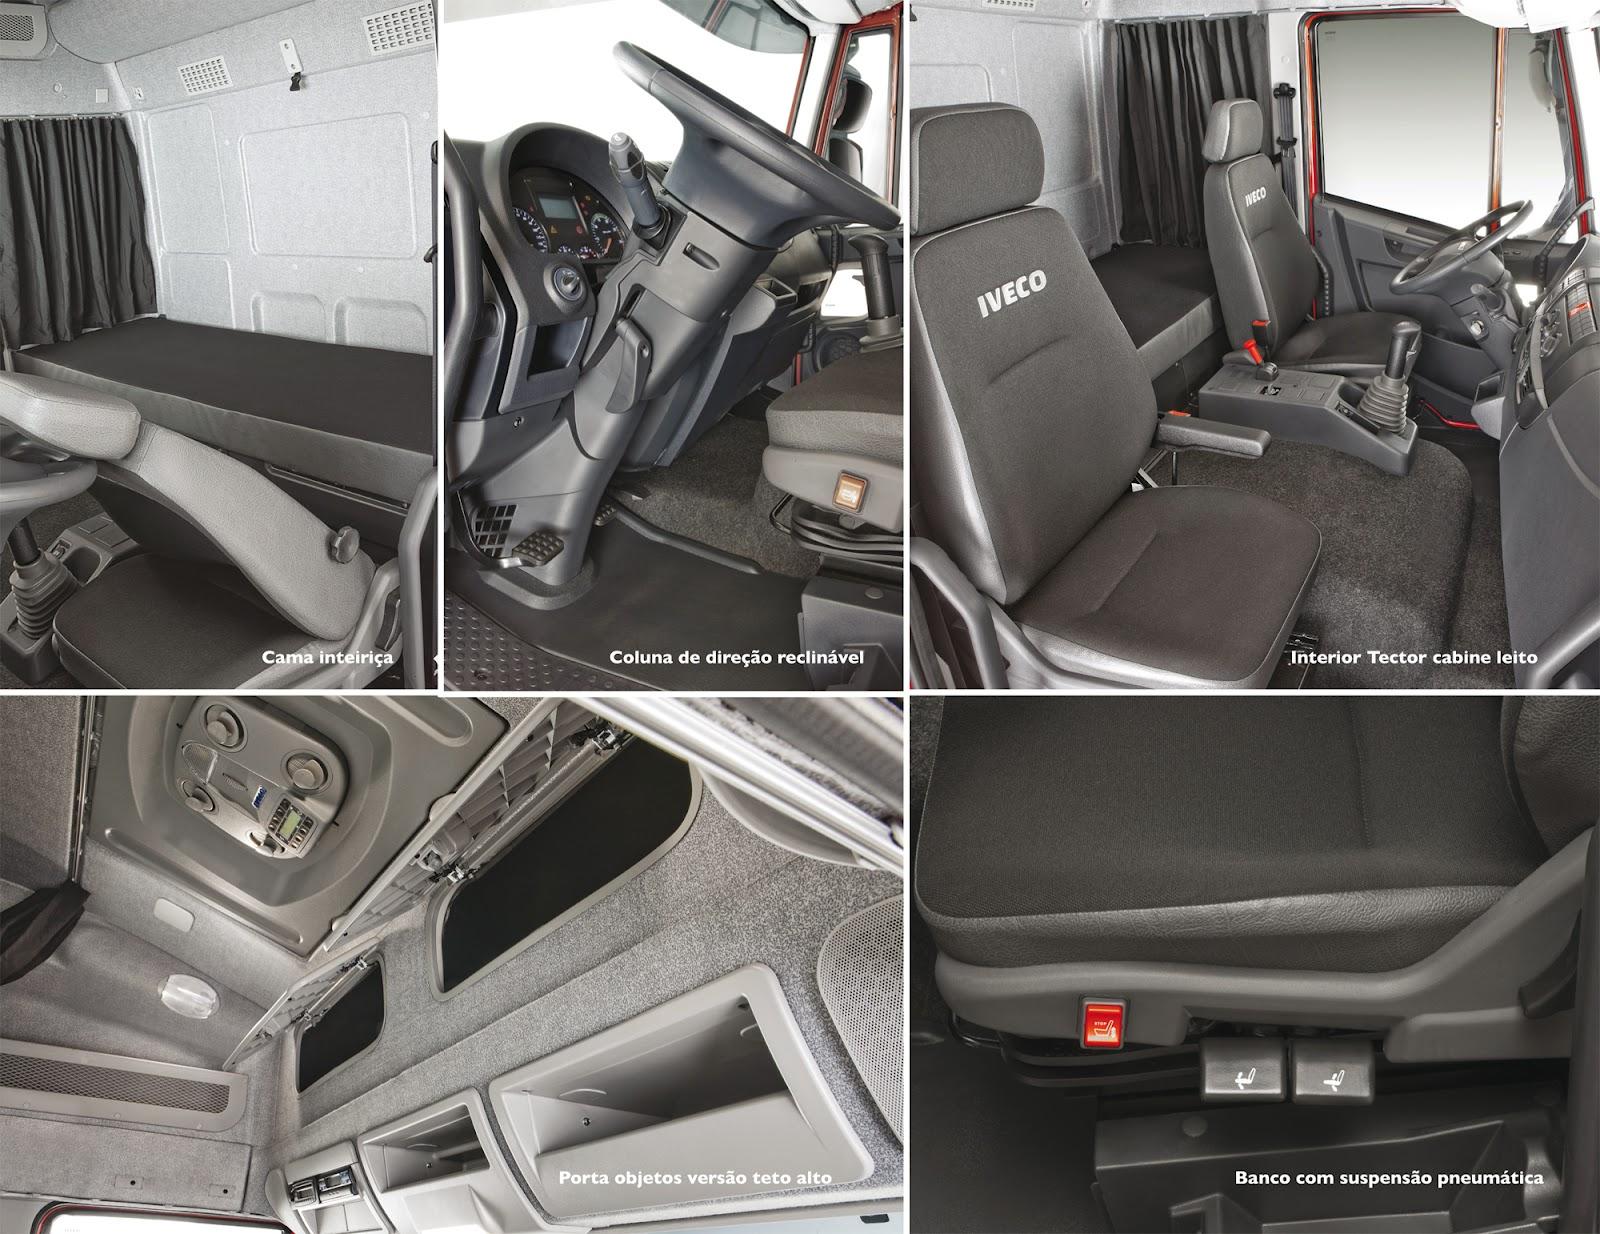 Nova geração Iveco Tector: Alto padrão de conforto, economia e versatilidade no segmento de semipesados conforto tector grande